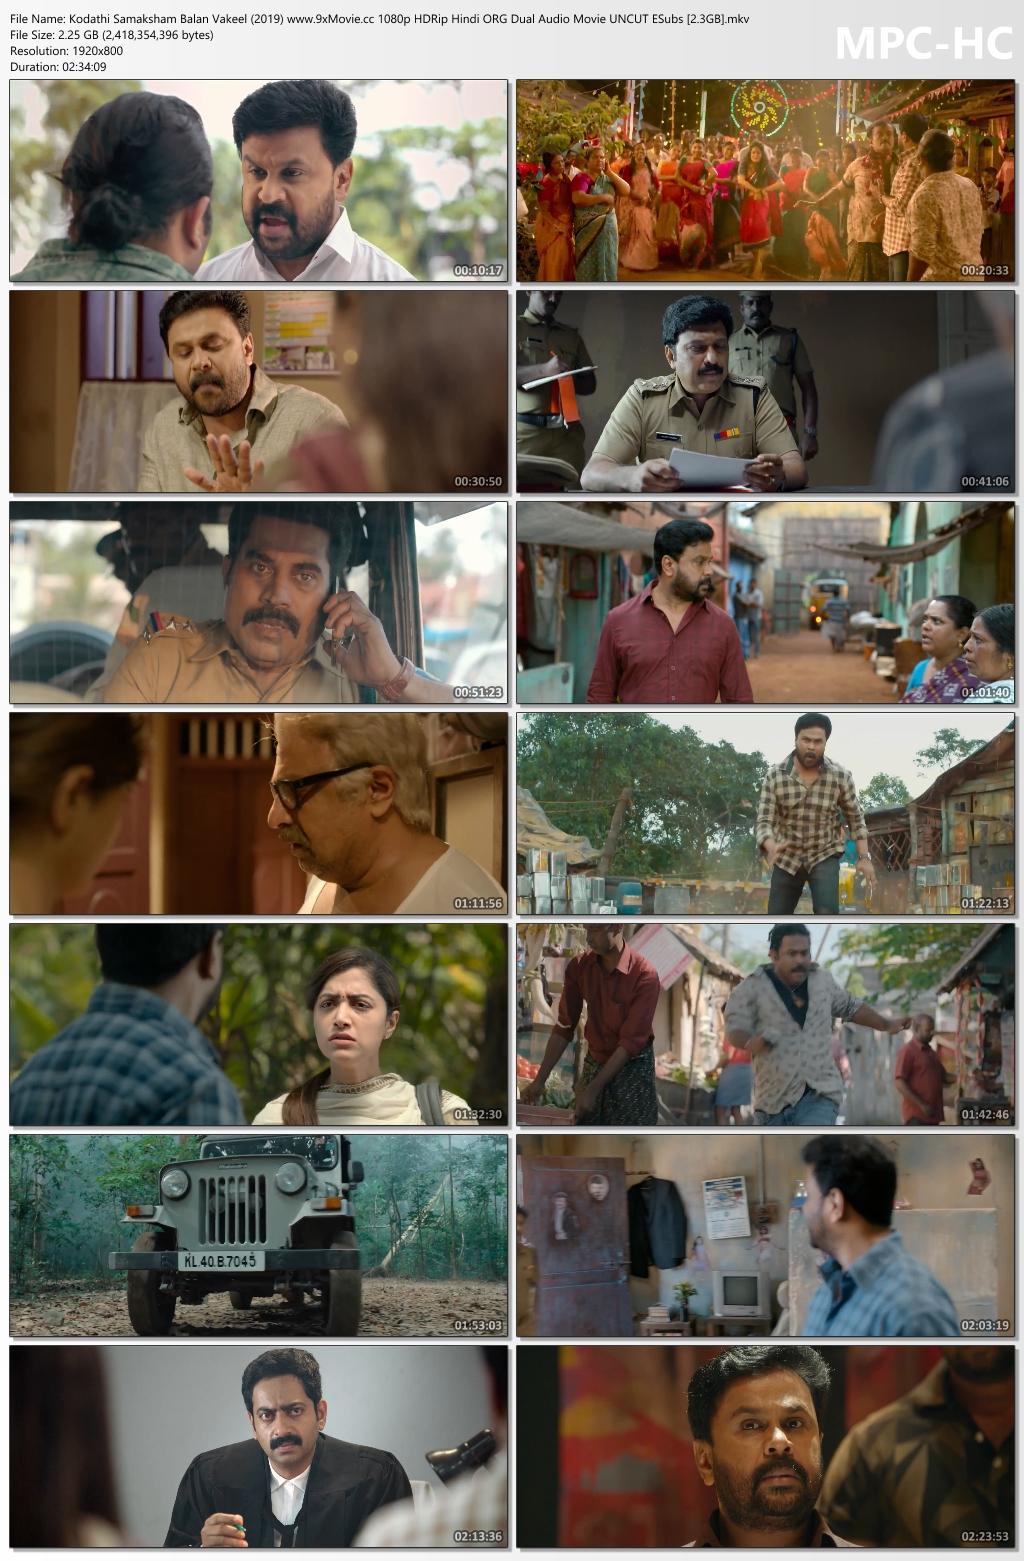 Kodathi-Samaksham-Balan-Vakeel-2019-www-9x-Movie-cc-1080p-HDRip-Hindi-ORG-Dual-Audio-Movie-UNCUT-ESu